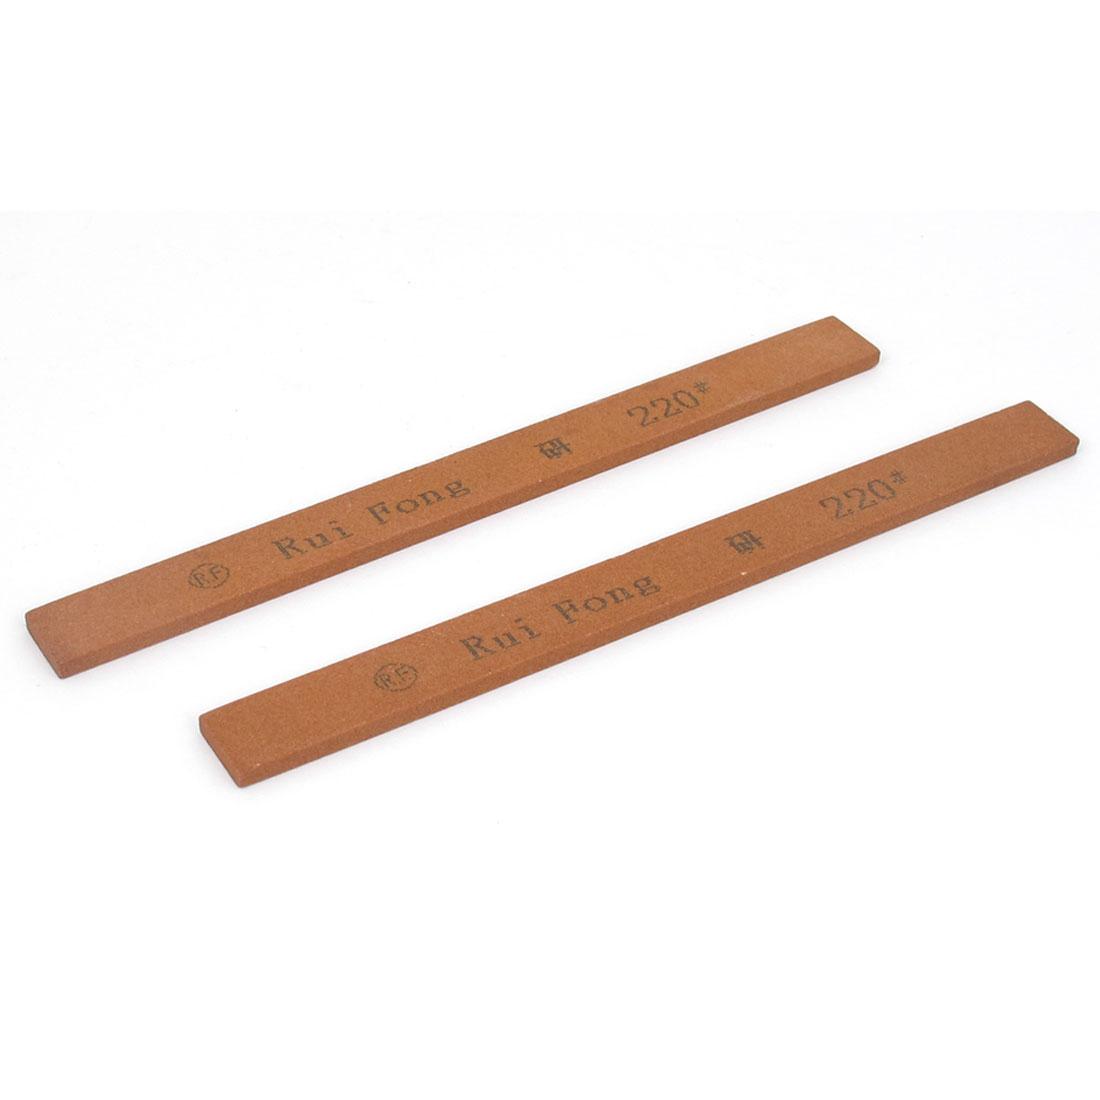 Boride Abrasives Rectangle Polishing Oil Stone Sticks Tool 220 Grit Red 2 Pcs